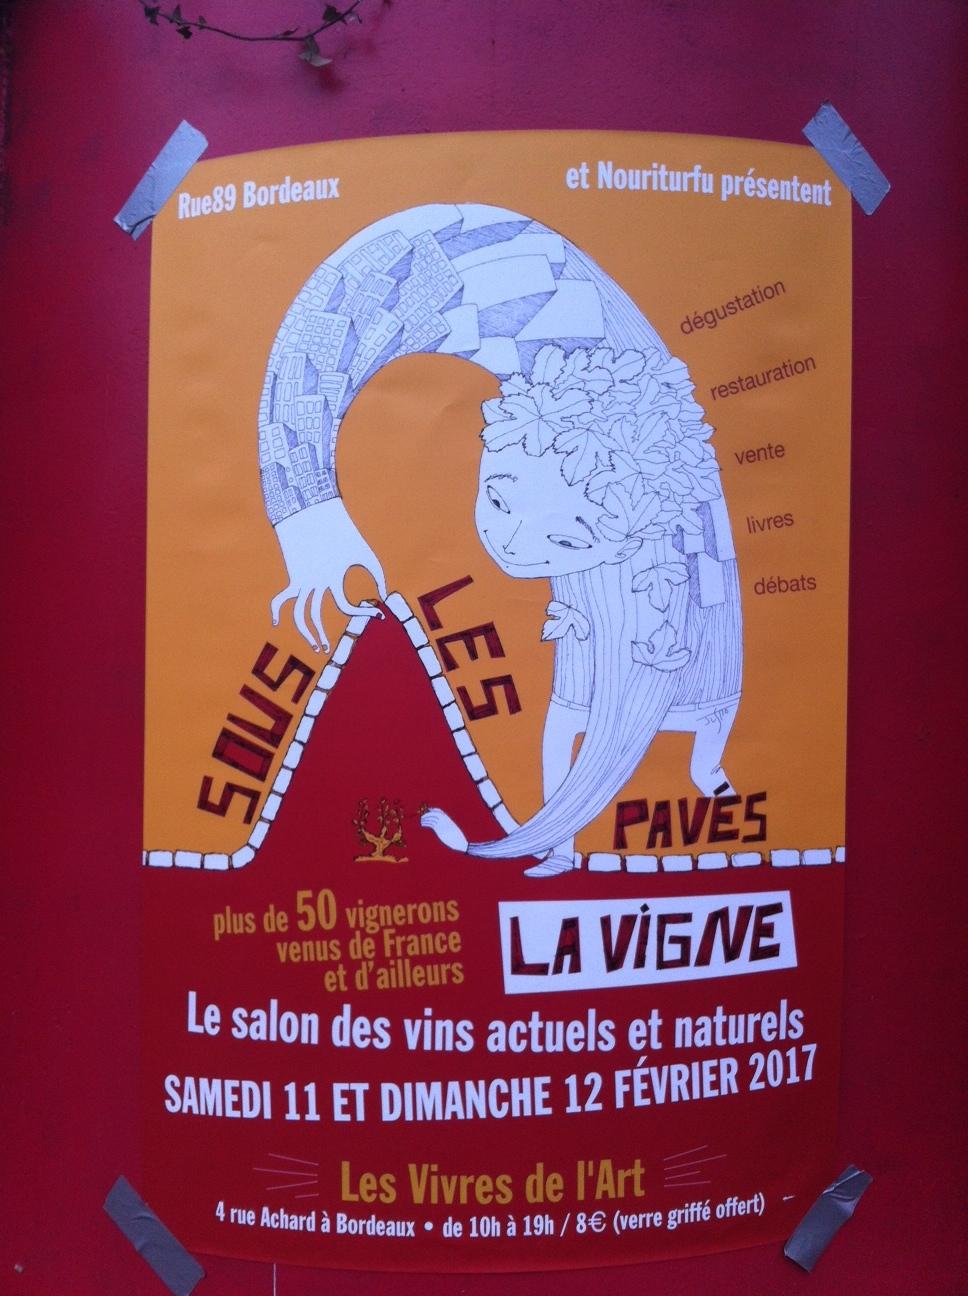 vin-nature-blagnac.jpg